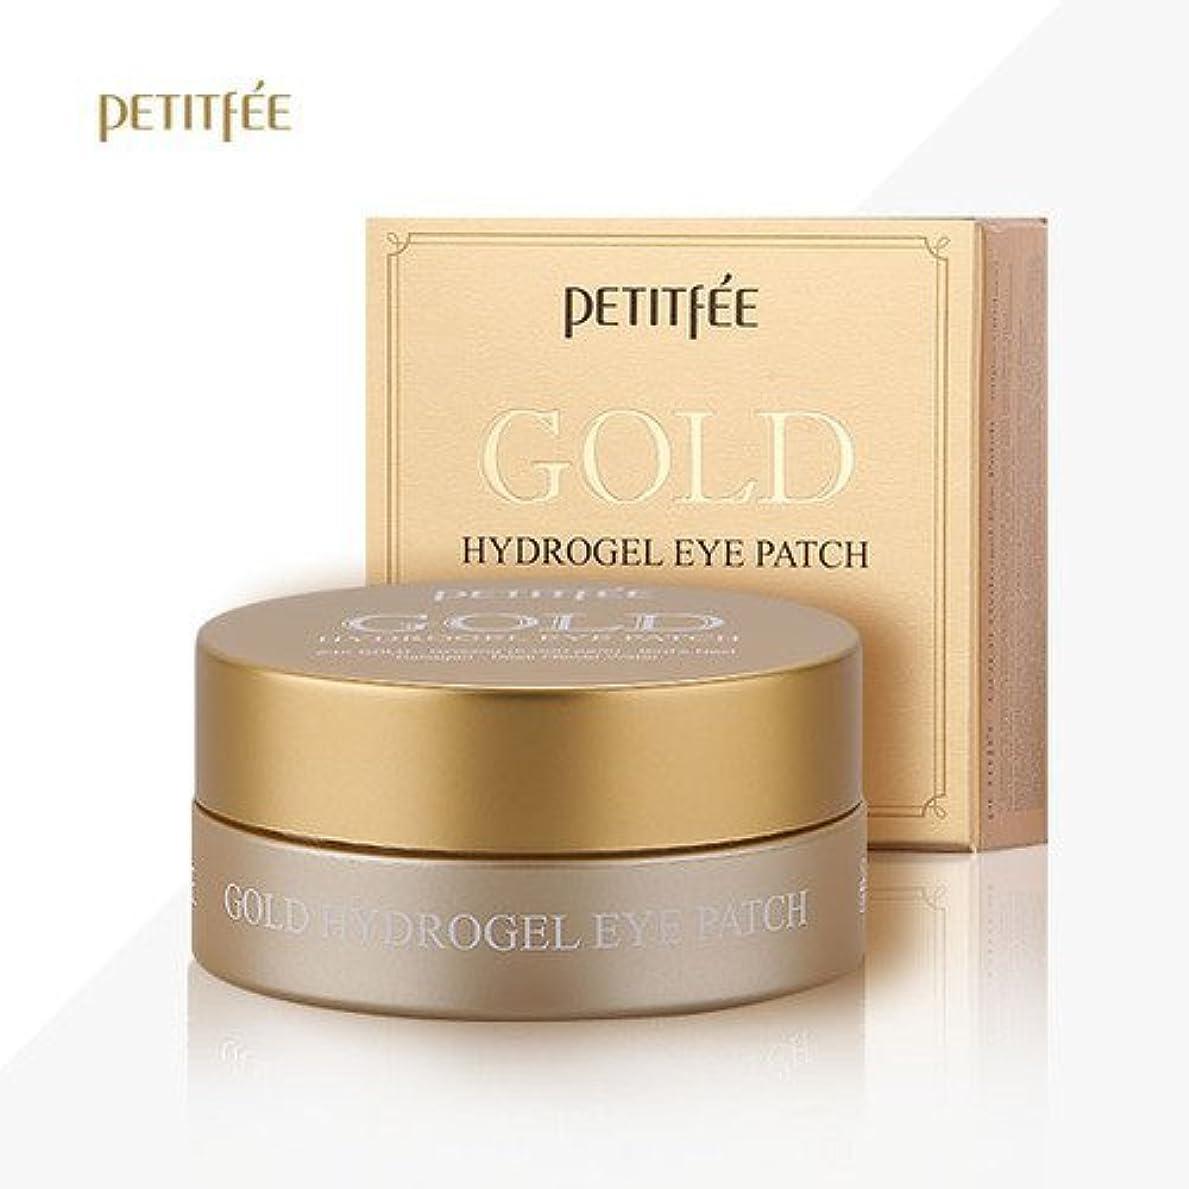 小人知恵わかりやすいPETITFEE(プチペ)ゴールドハイドロゲルアイパチ(60枚)/ Petitfee Gold Hydrogel Eye Patch (60Sheets) [並行輸入品]